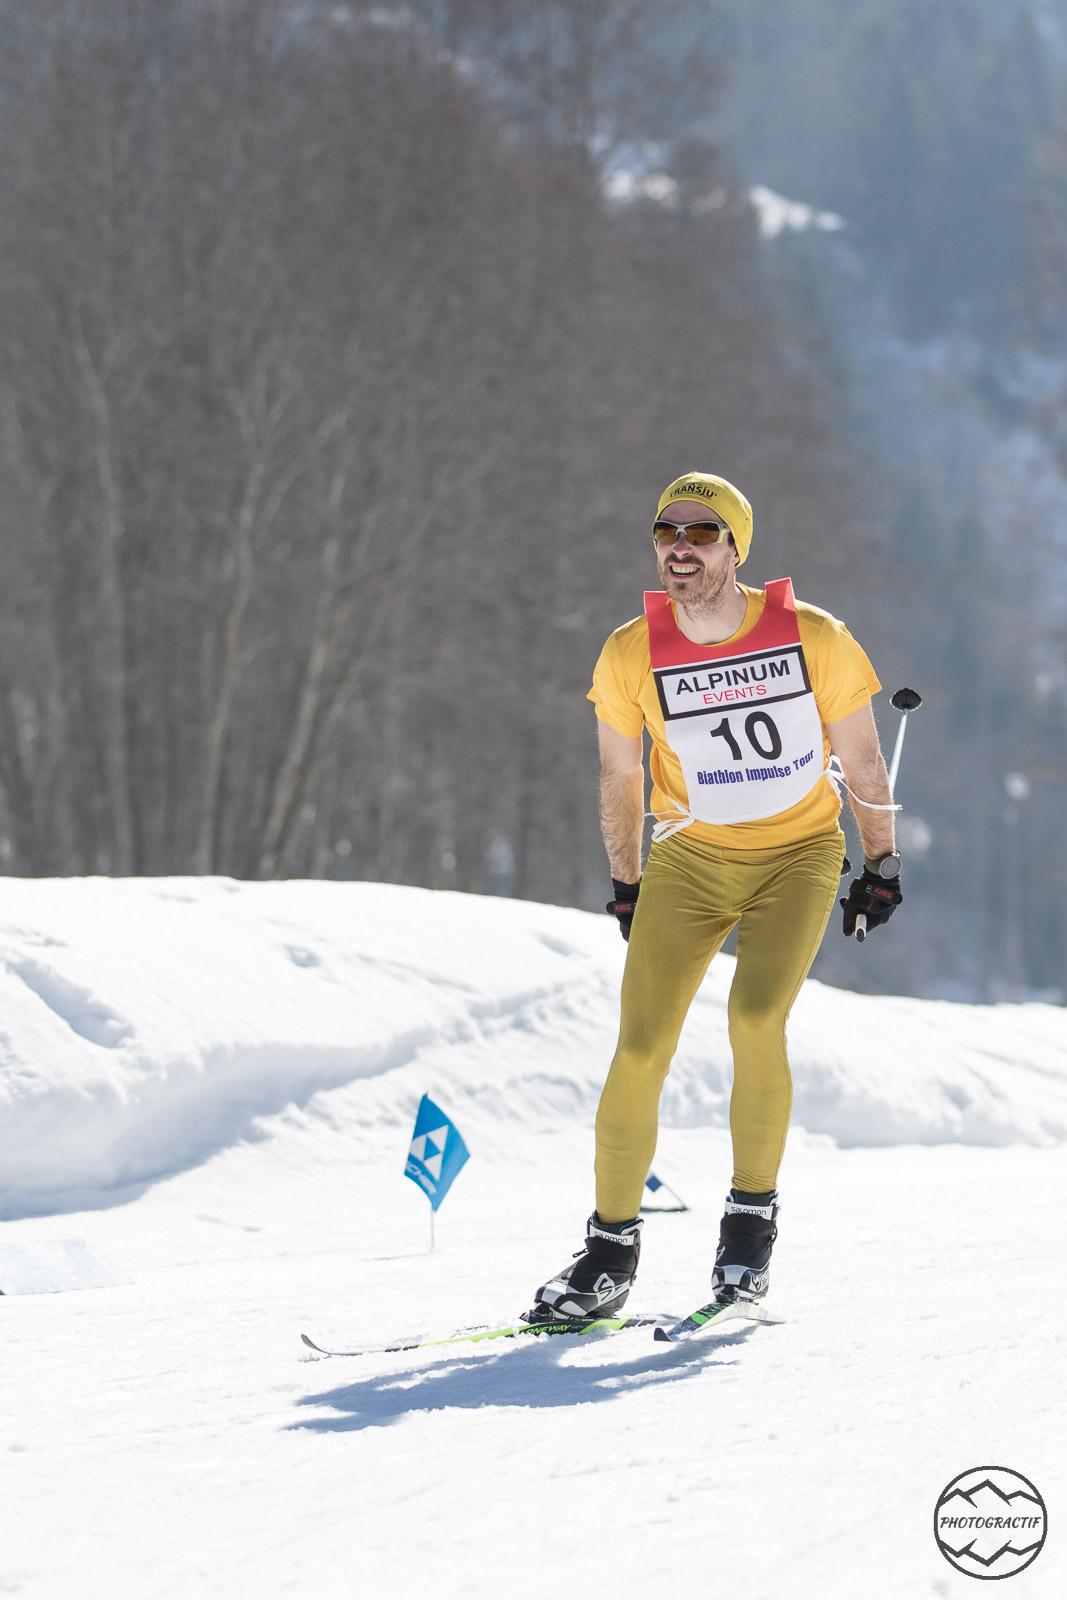 Biathlon Alpinum Les Contamines 2019 (20)